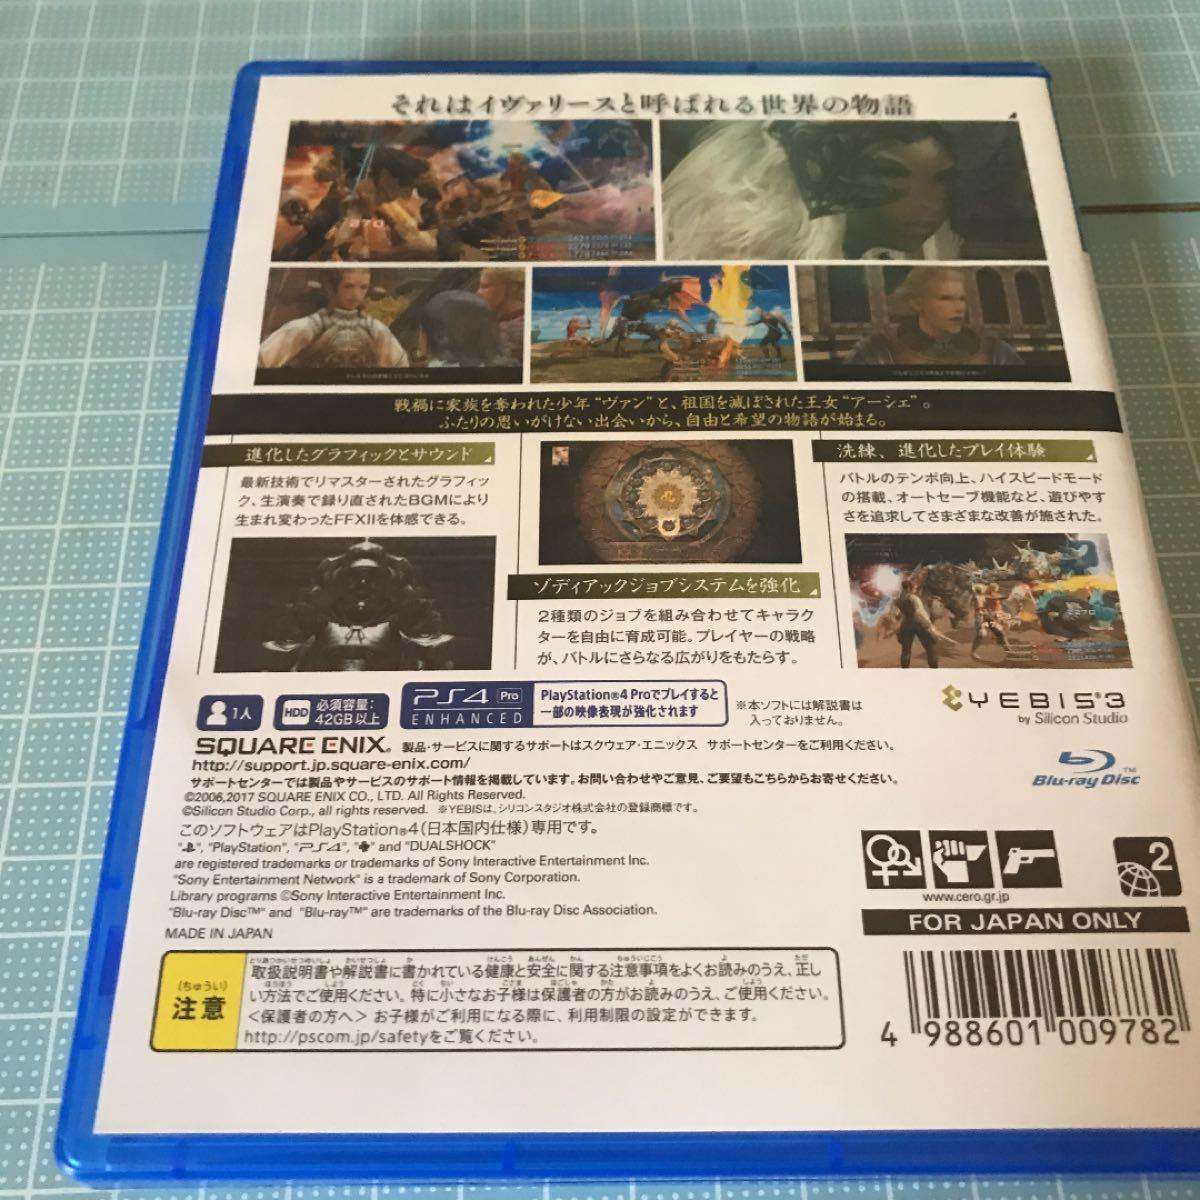 【PS4】 ファイナルファンタジー XII ザ ゾディアック エイジ [通常版]